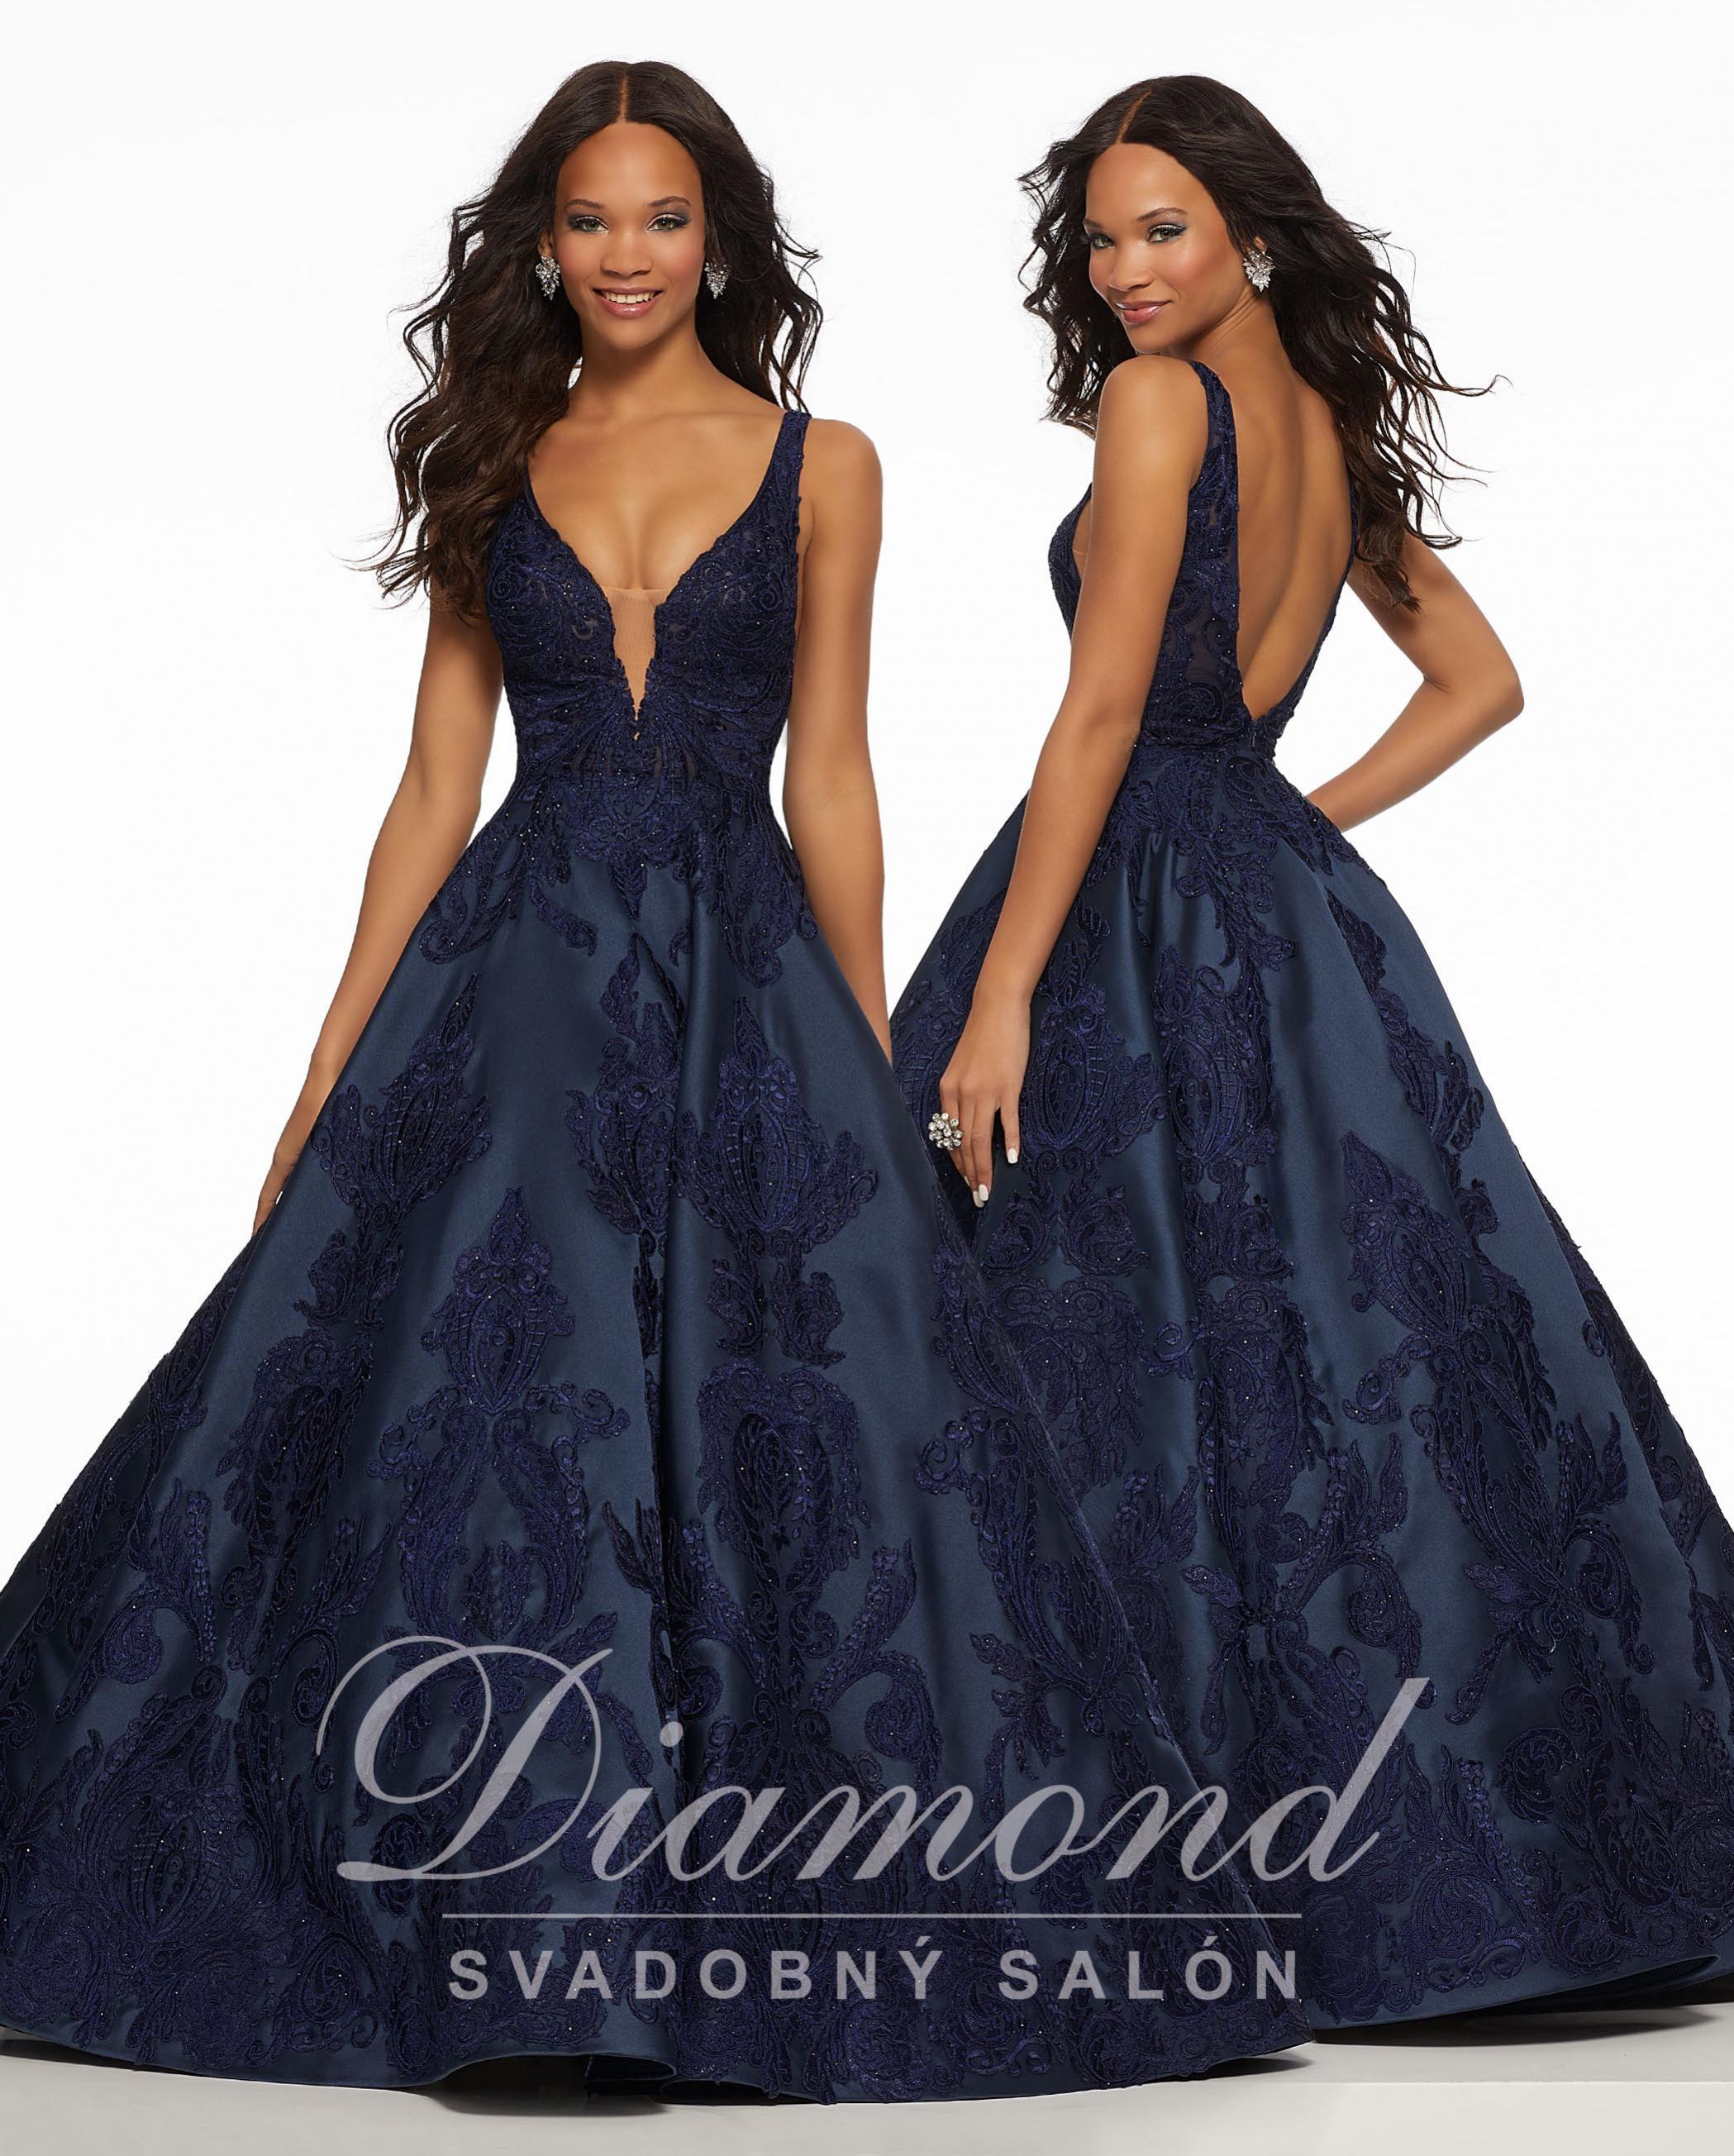 Diamond Nitra